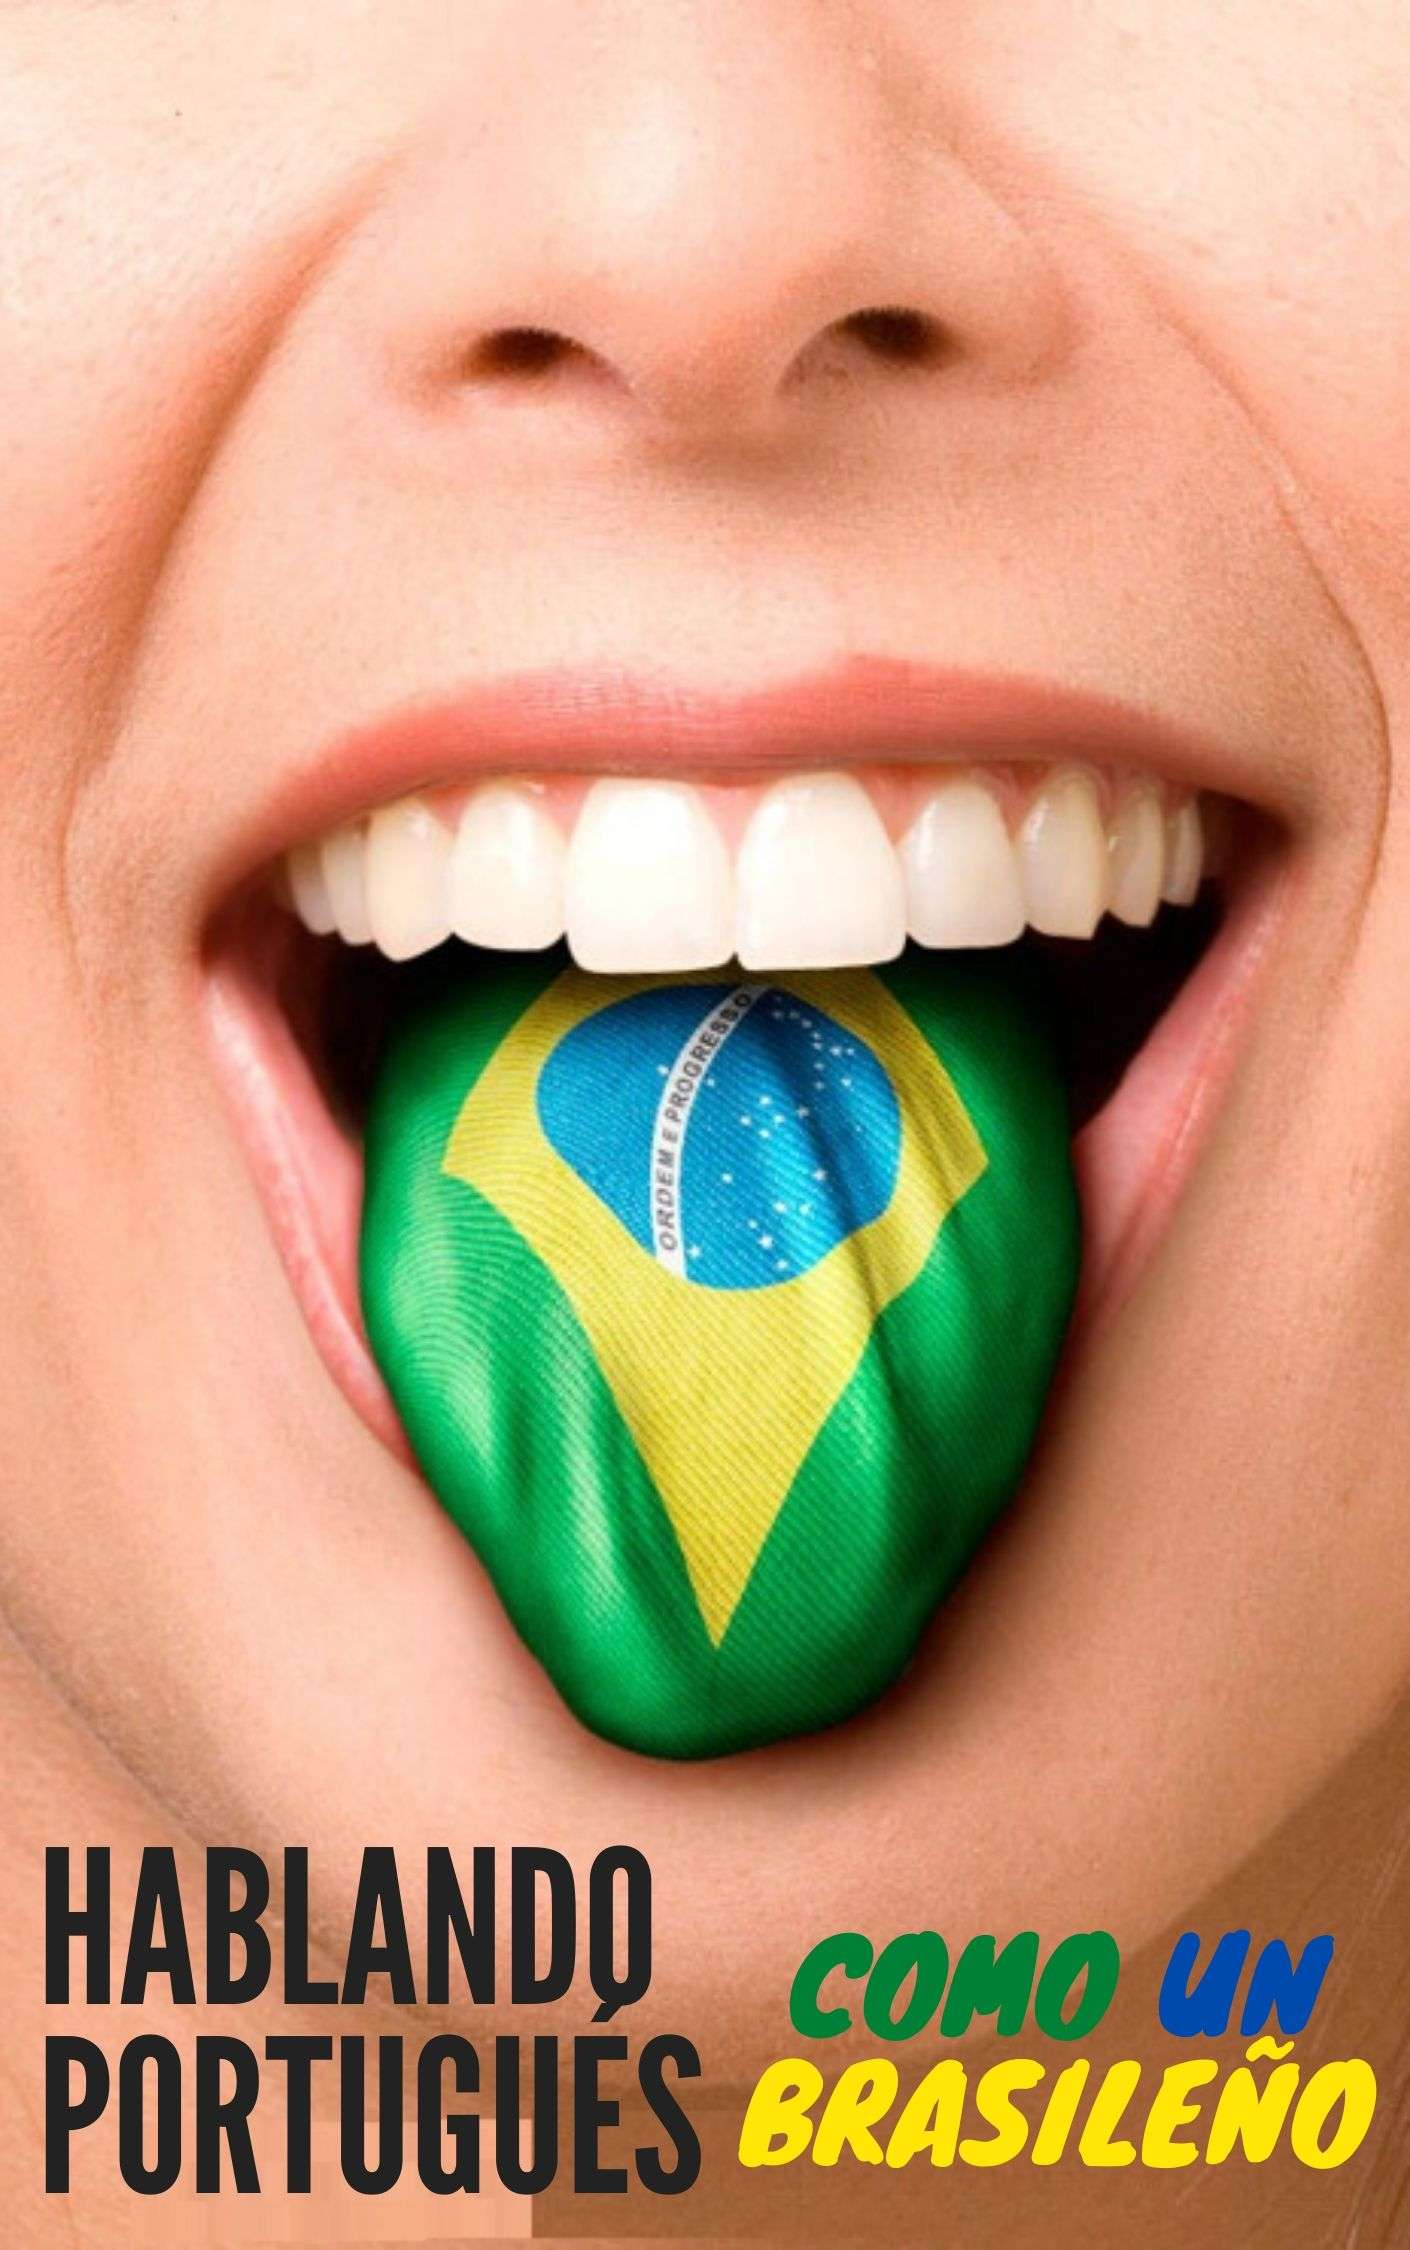 Quiero aprender portugués